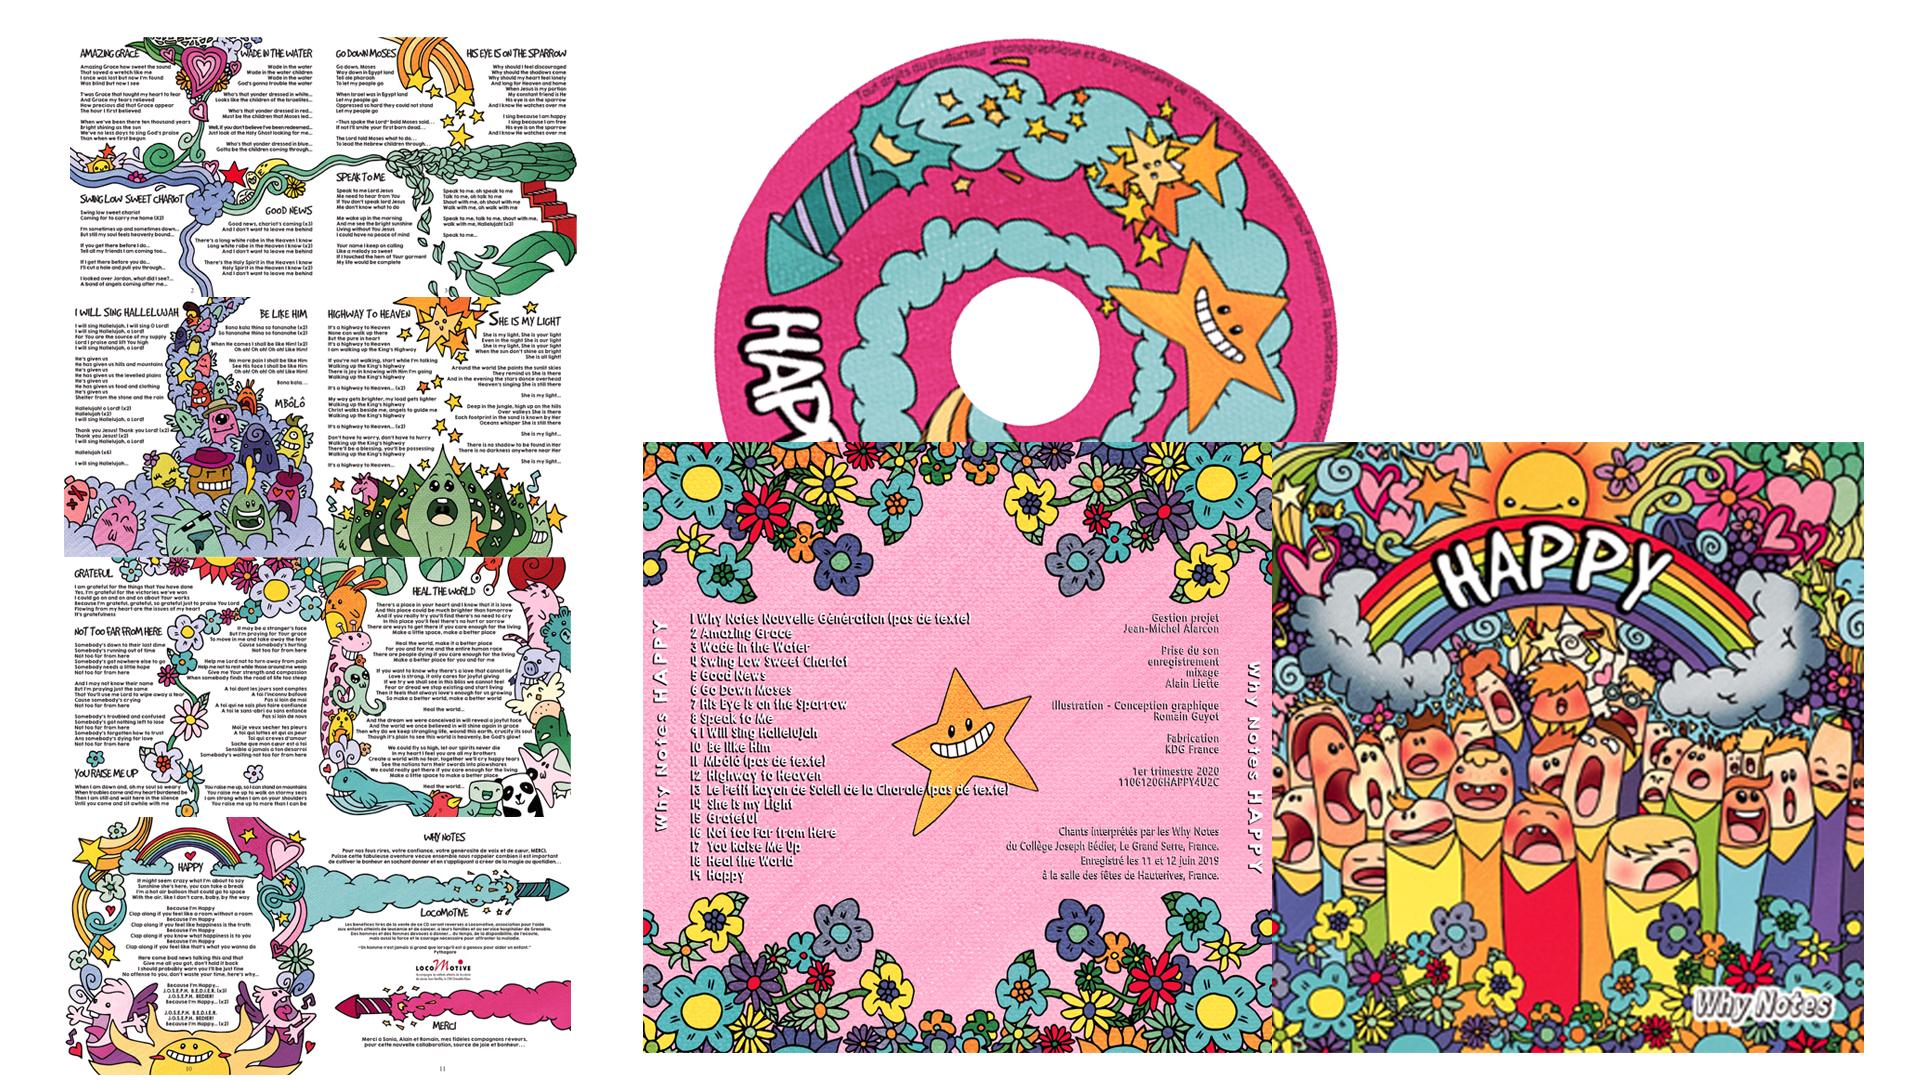 CD happy